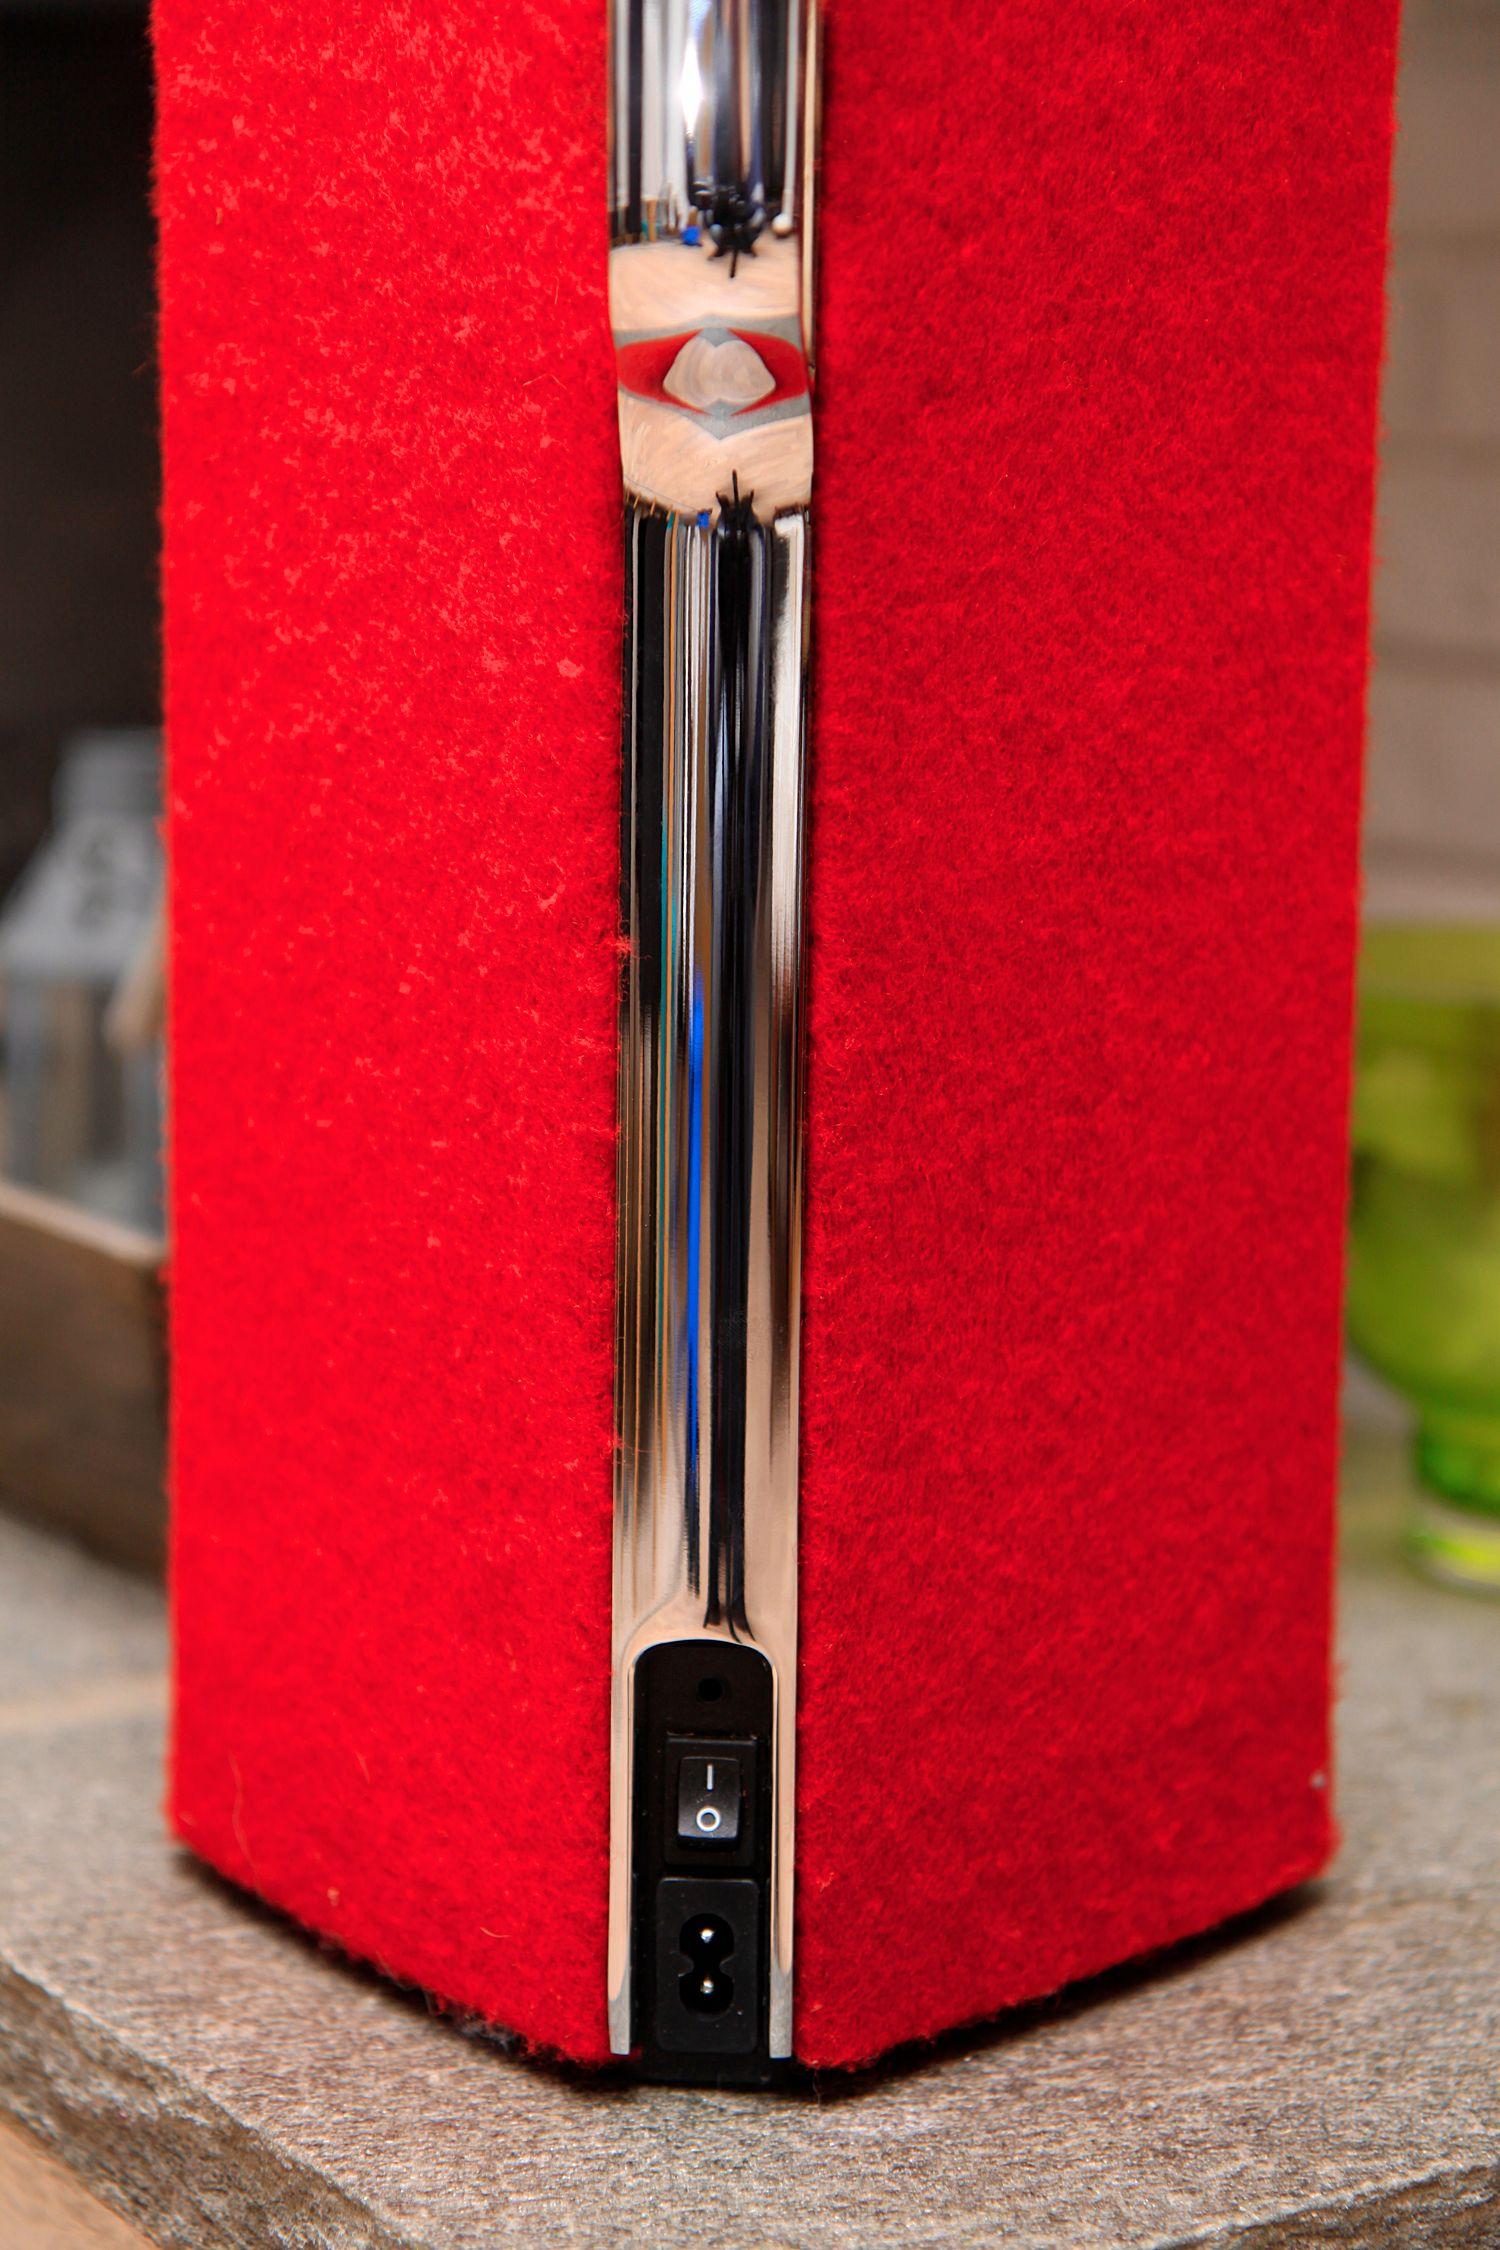 På baksiden finner du en av/på-bryter samt en 3,5 mm minijack-utgang som støtter både analog og digital (optisk) tilkobling av lydkilder.